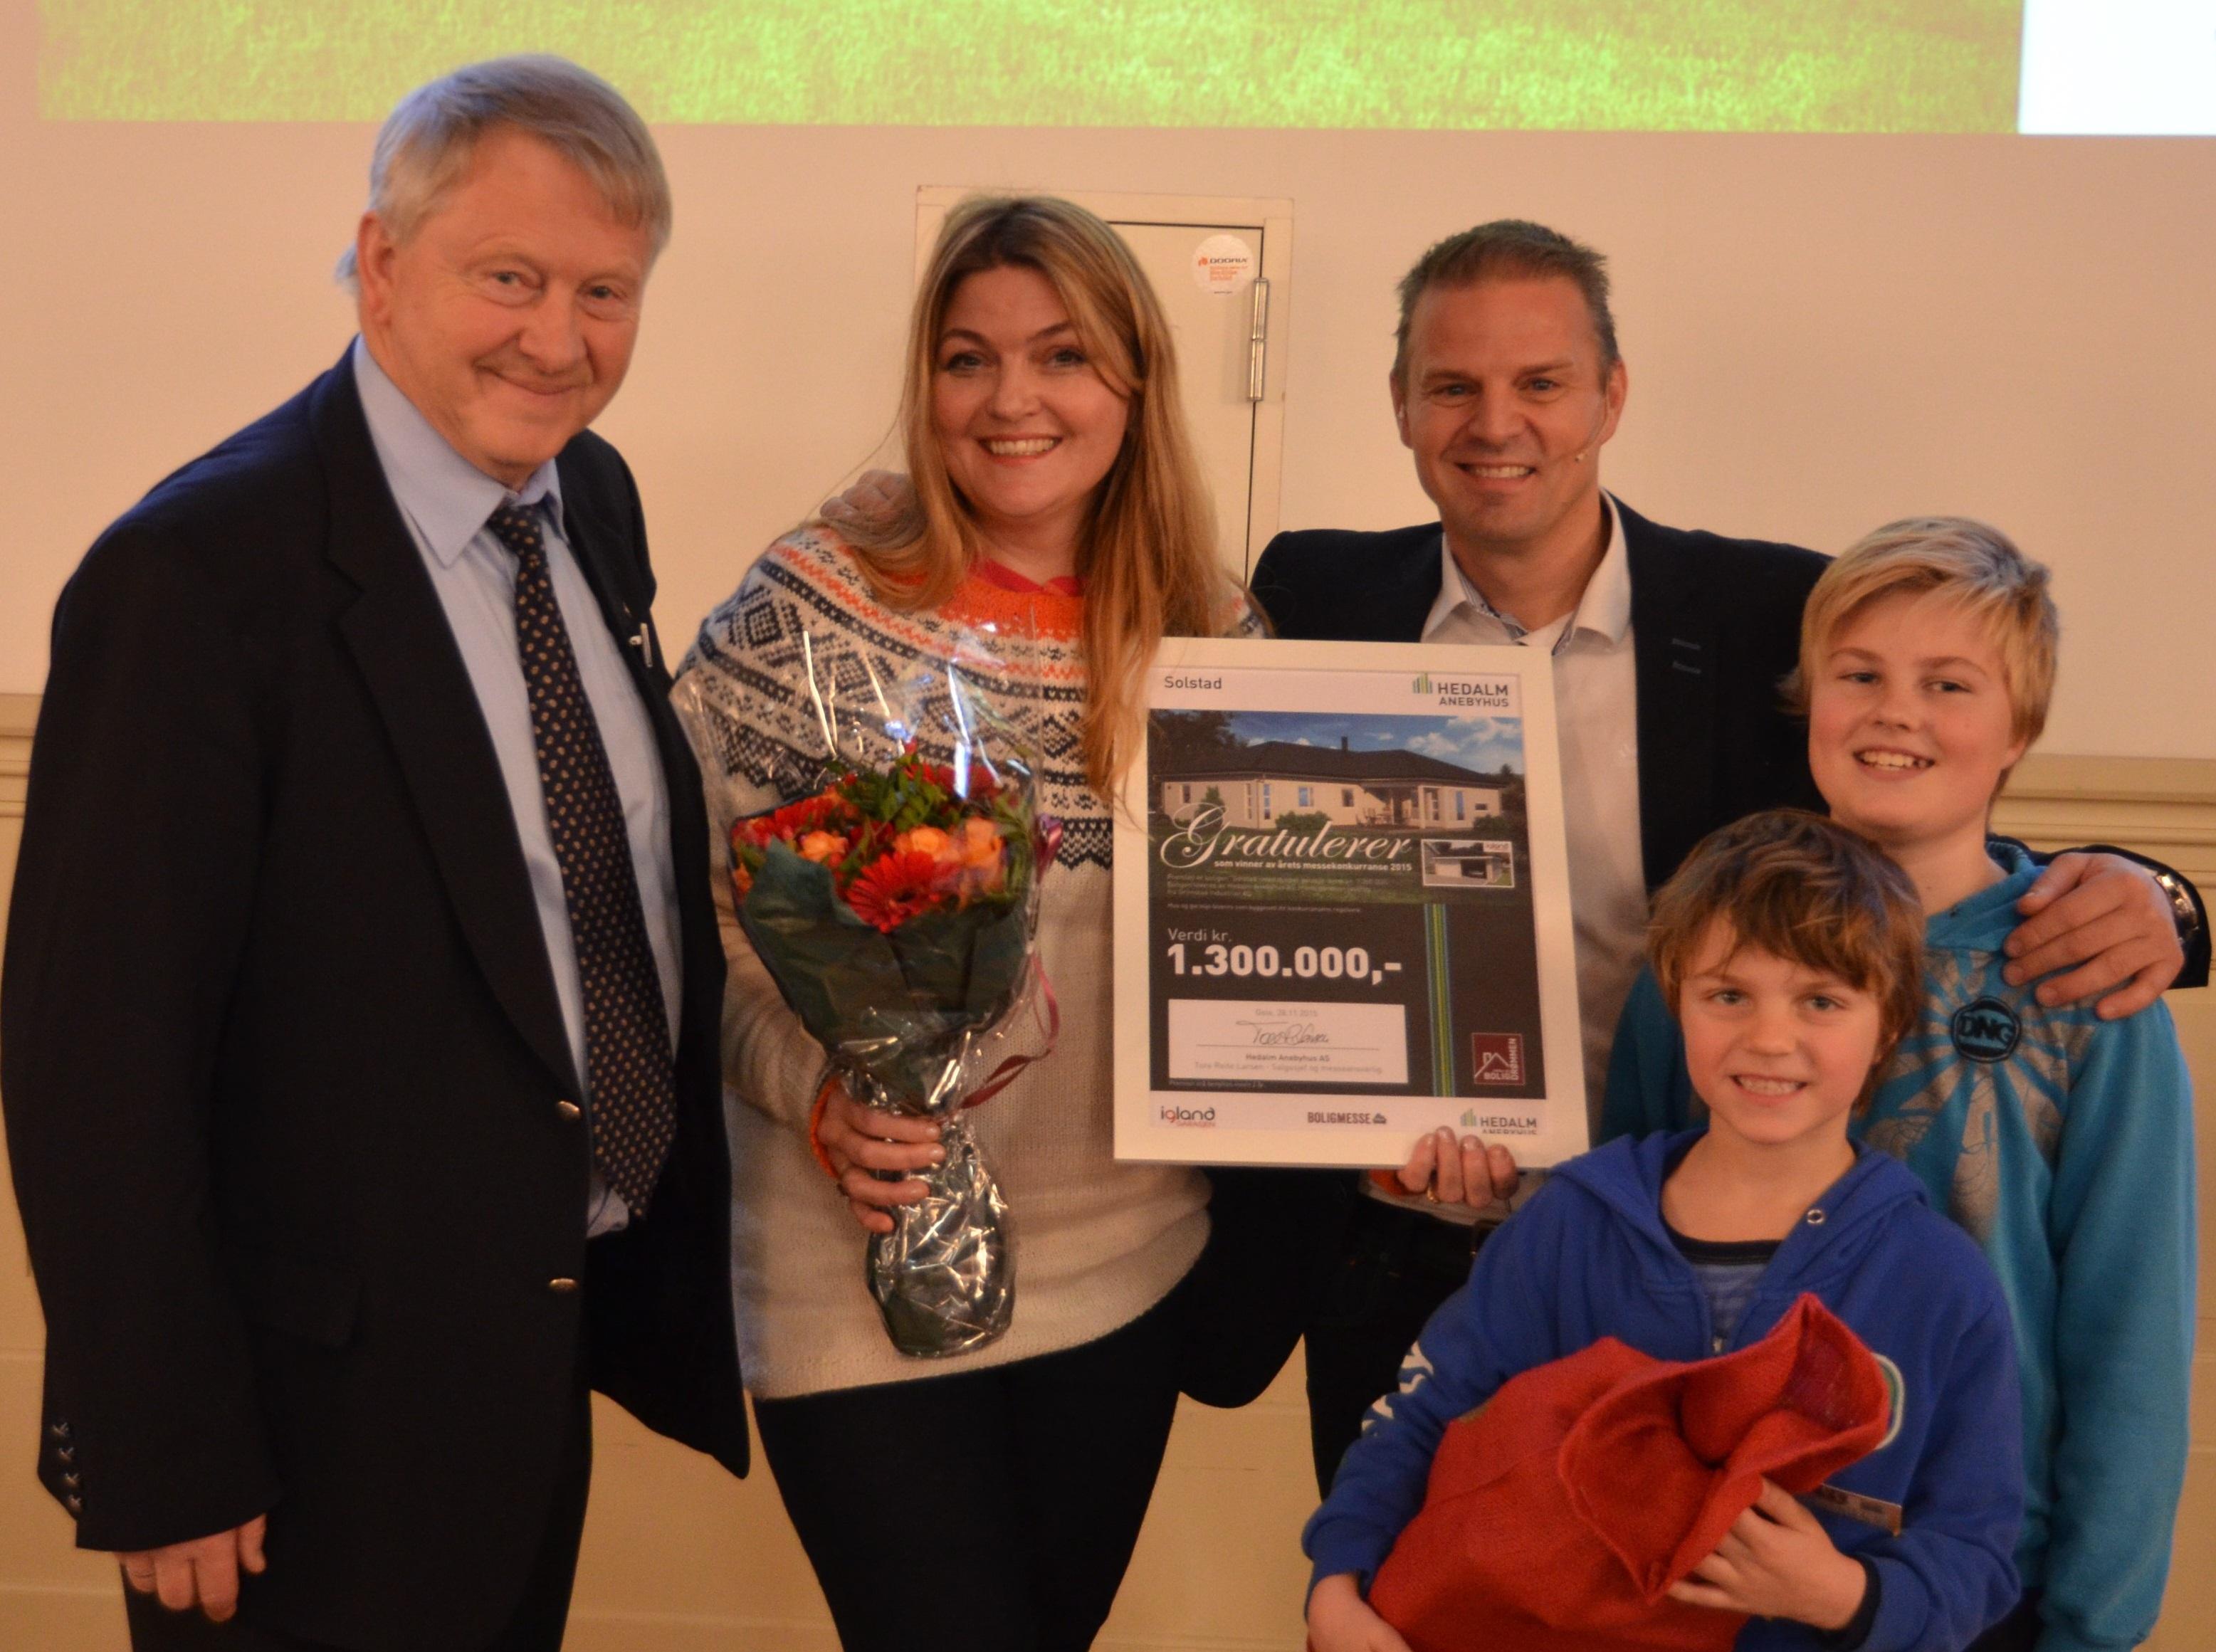 Vinner Ann Beate Methi, her flankert av Tore Reite Larsen fra Hedalm Anebyhus (til venstre), konferansier Otto Robsahm (til høyre), samt sønnene Jarl Magnus Methi og Niclas Methi.